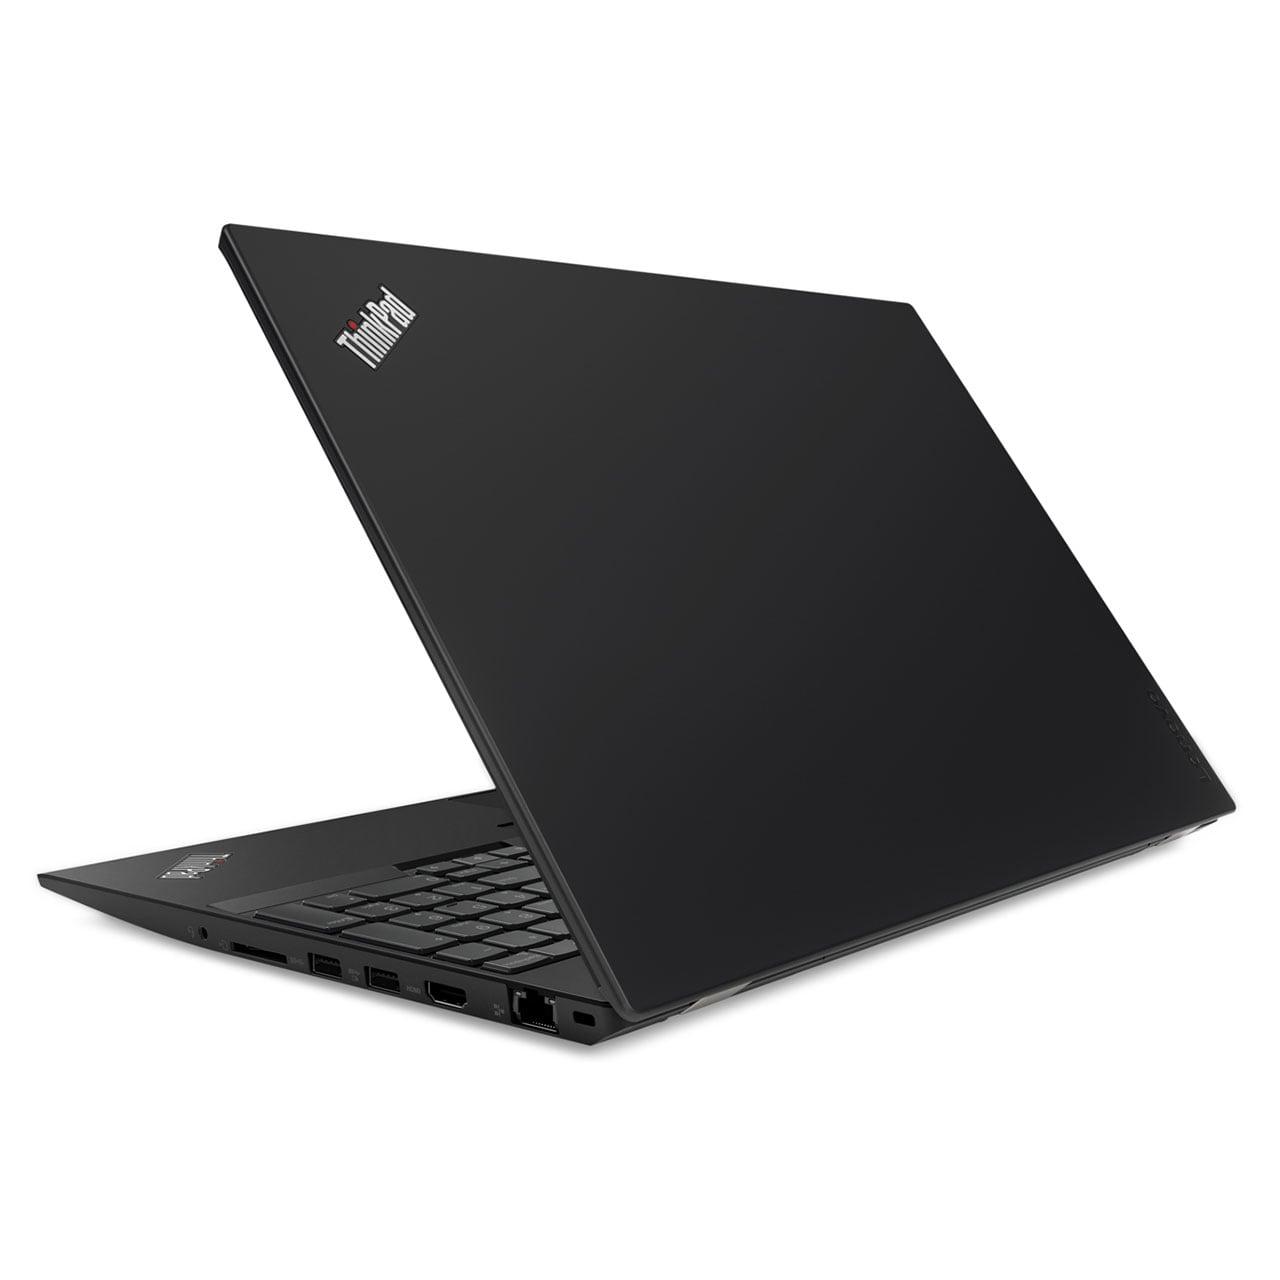 """Lenovo ThinkPad T580, 15.6"""", i5-8250U, 8 GB RAM, 256GB SSD, Win 10 Pro 64 2"""